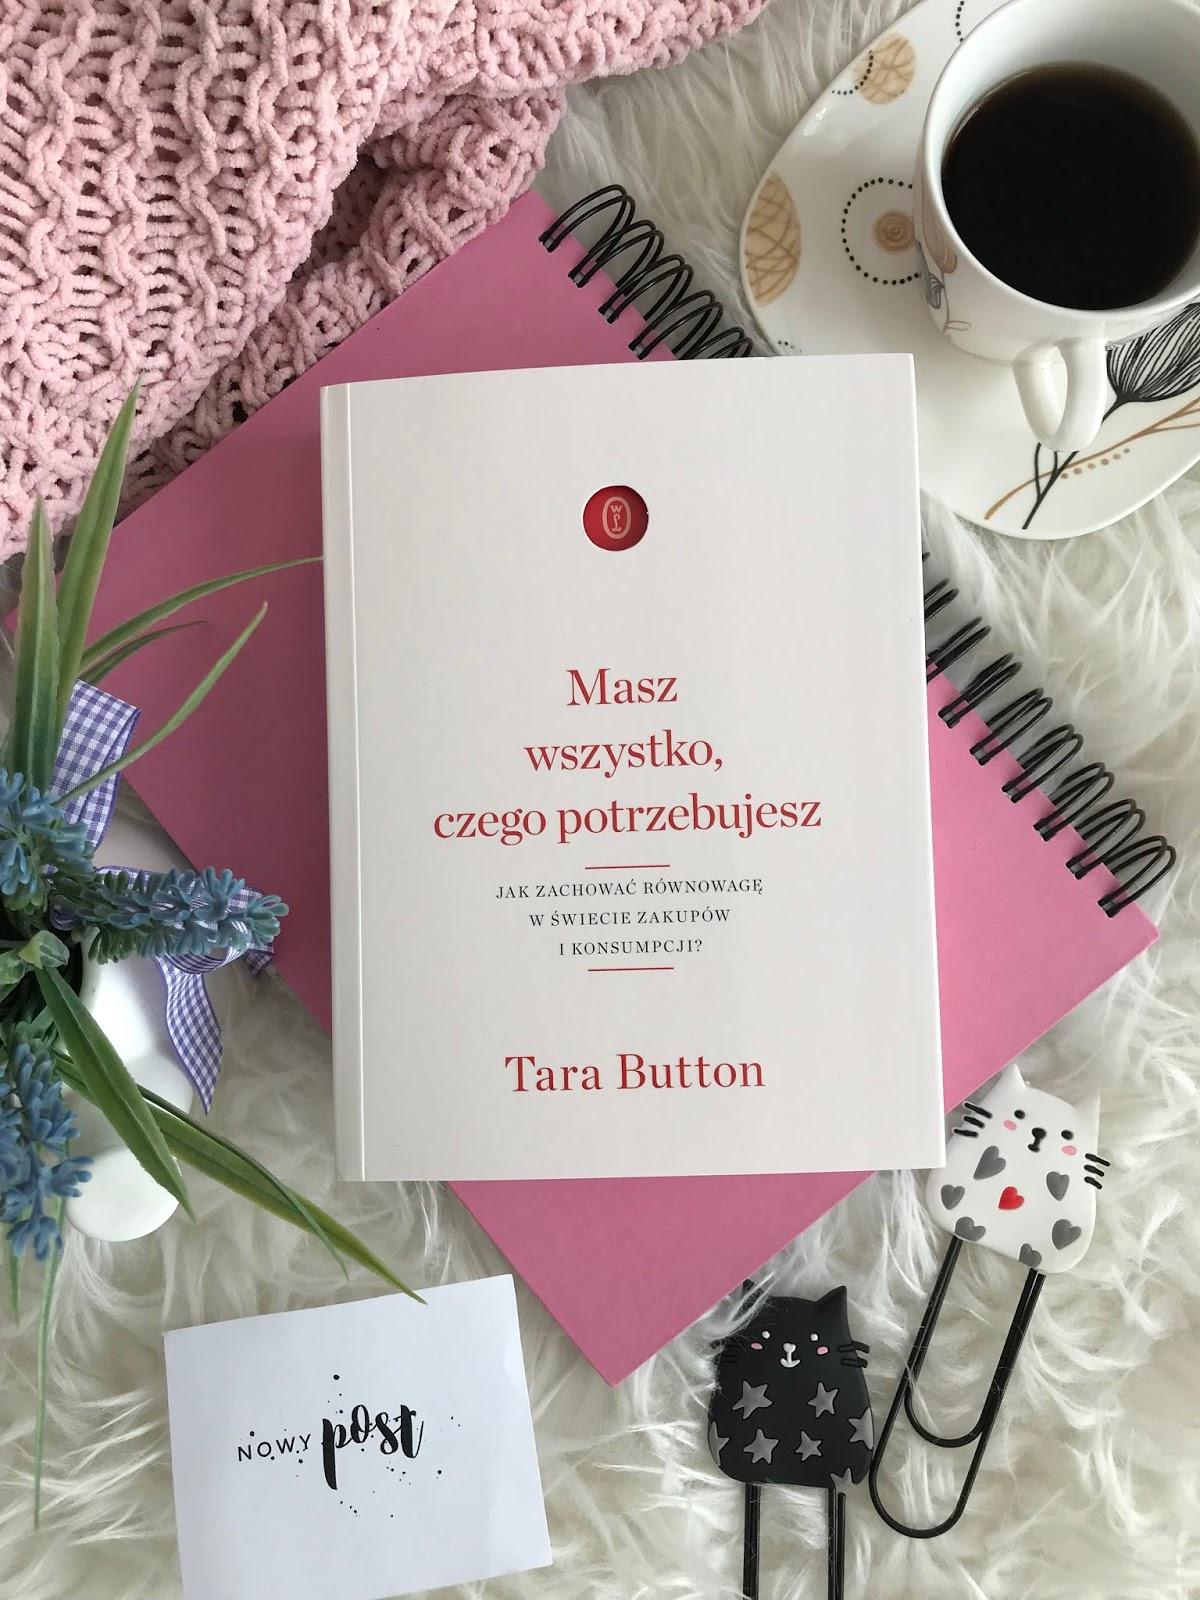 Tara Button, Masz wszystko, czego potrzebujesz. Jak zachować równowagę w świecie zakupów i konsumpcji?